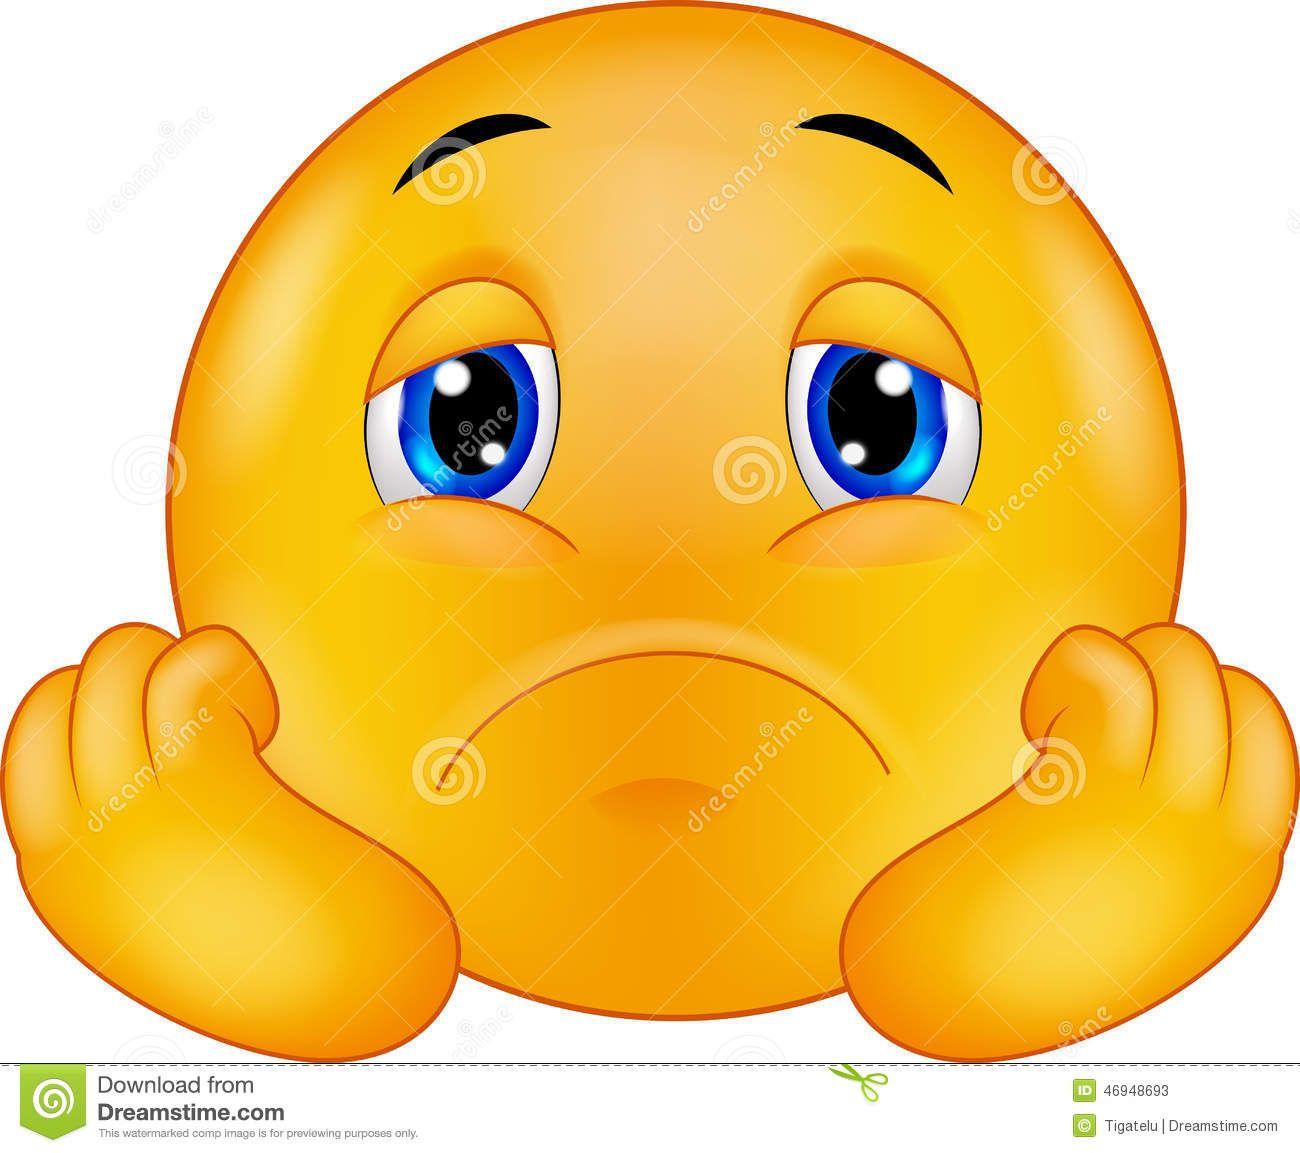 Trauriger Emoticon Smiley Der Karikatur Vektor Abbildung – Illustration von eins… – Smileys